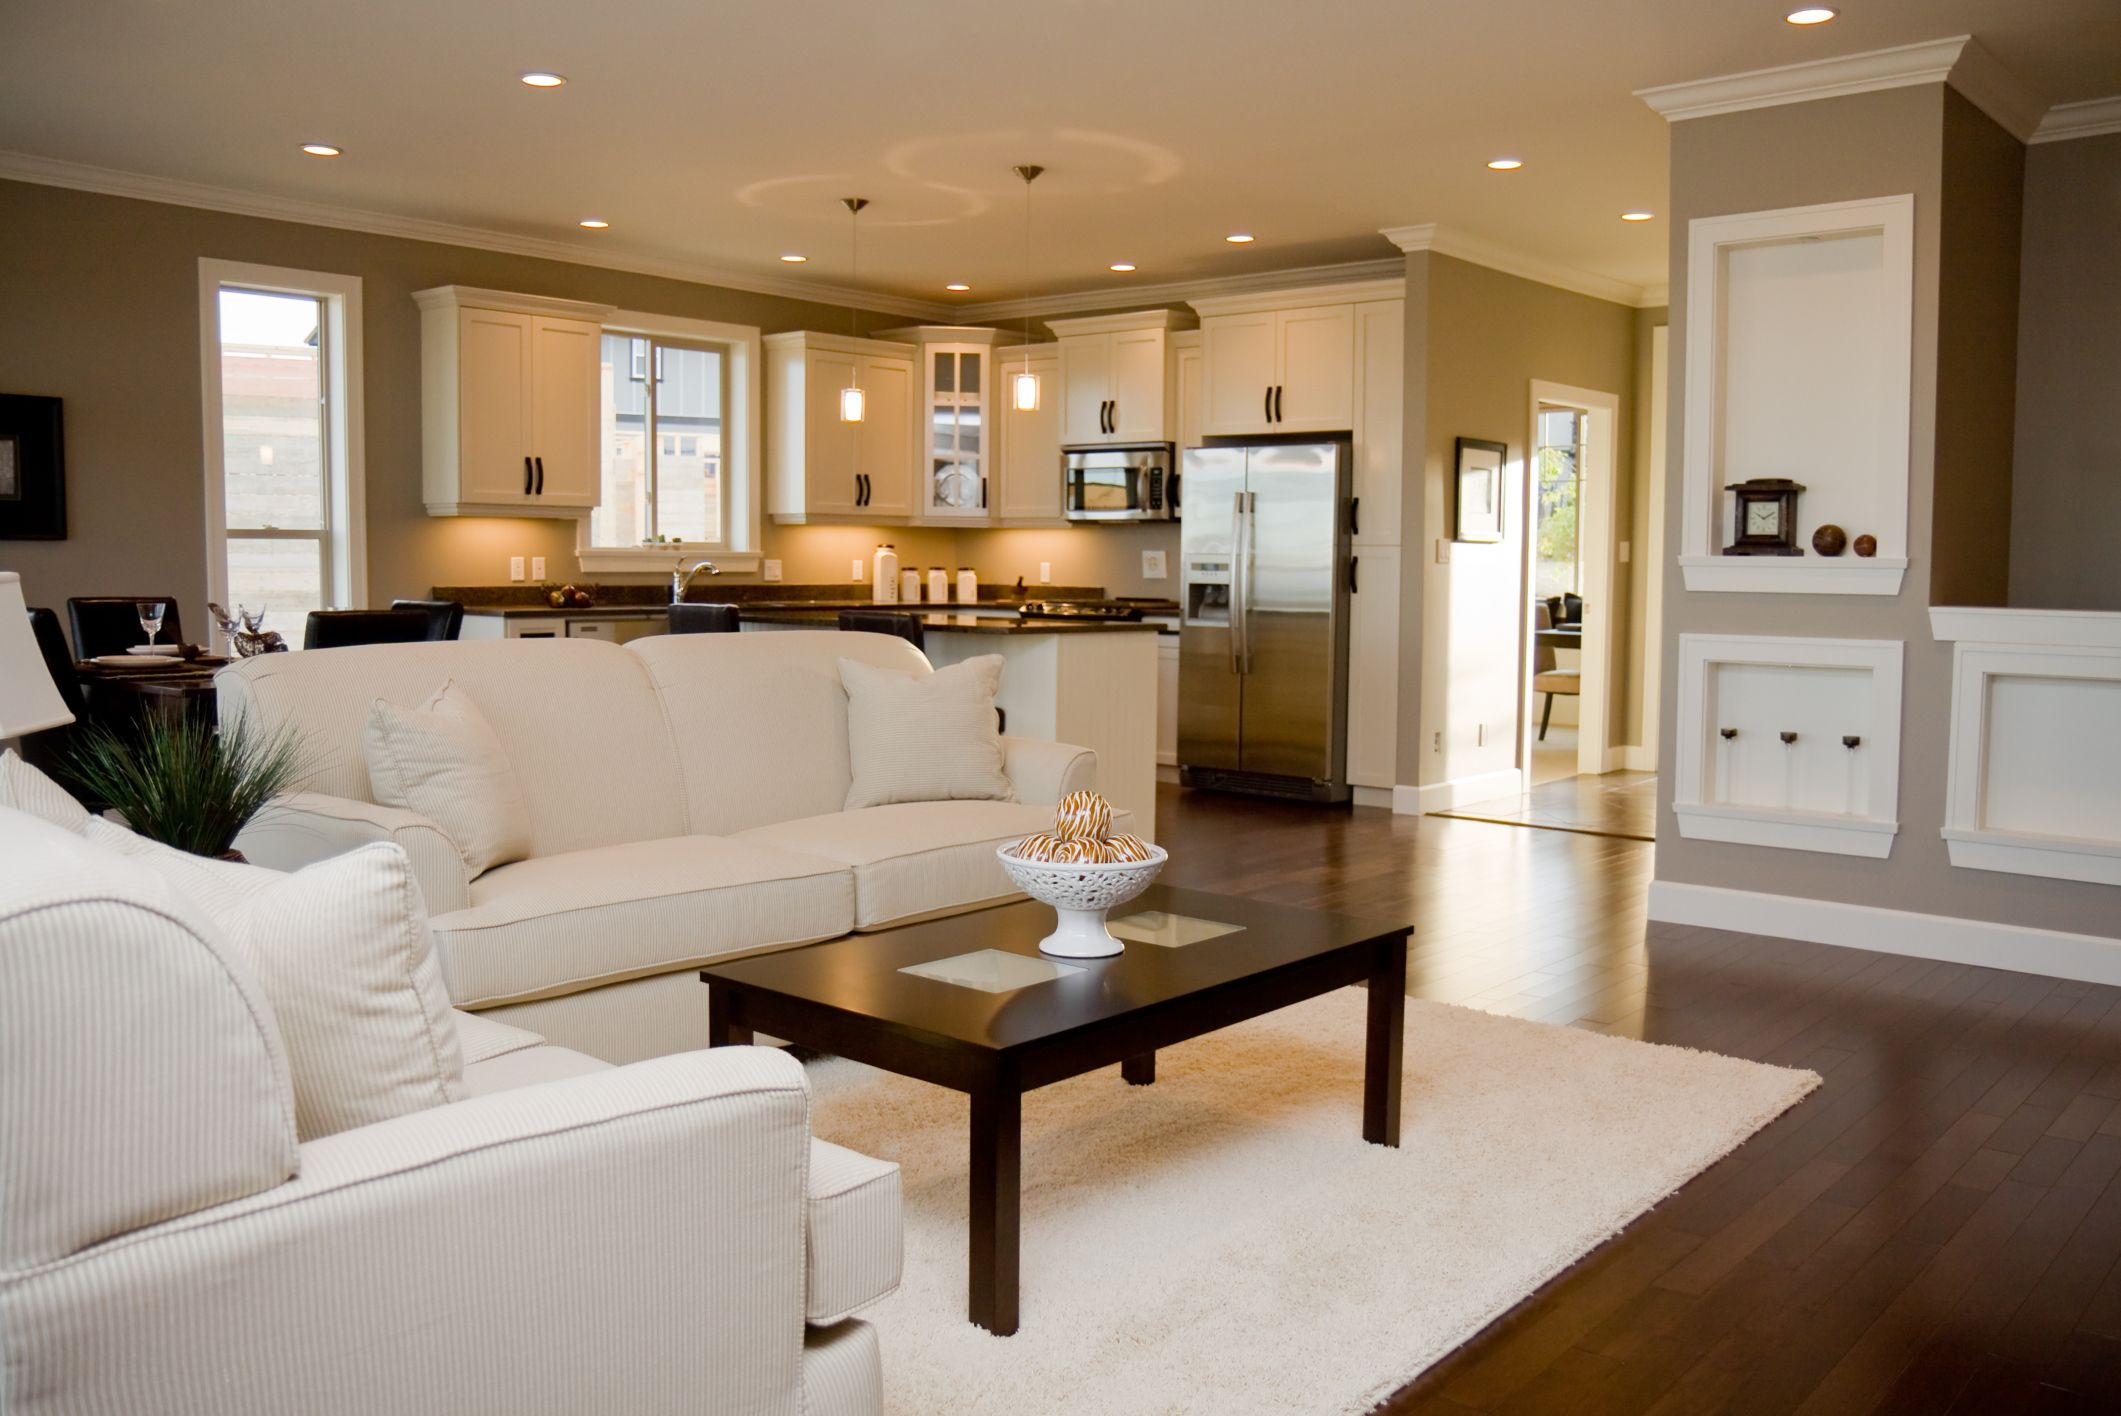 Interior Design Trends interior design- the latest interior design trends for sprawling